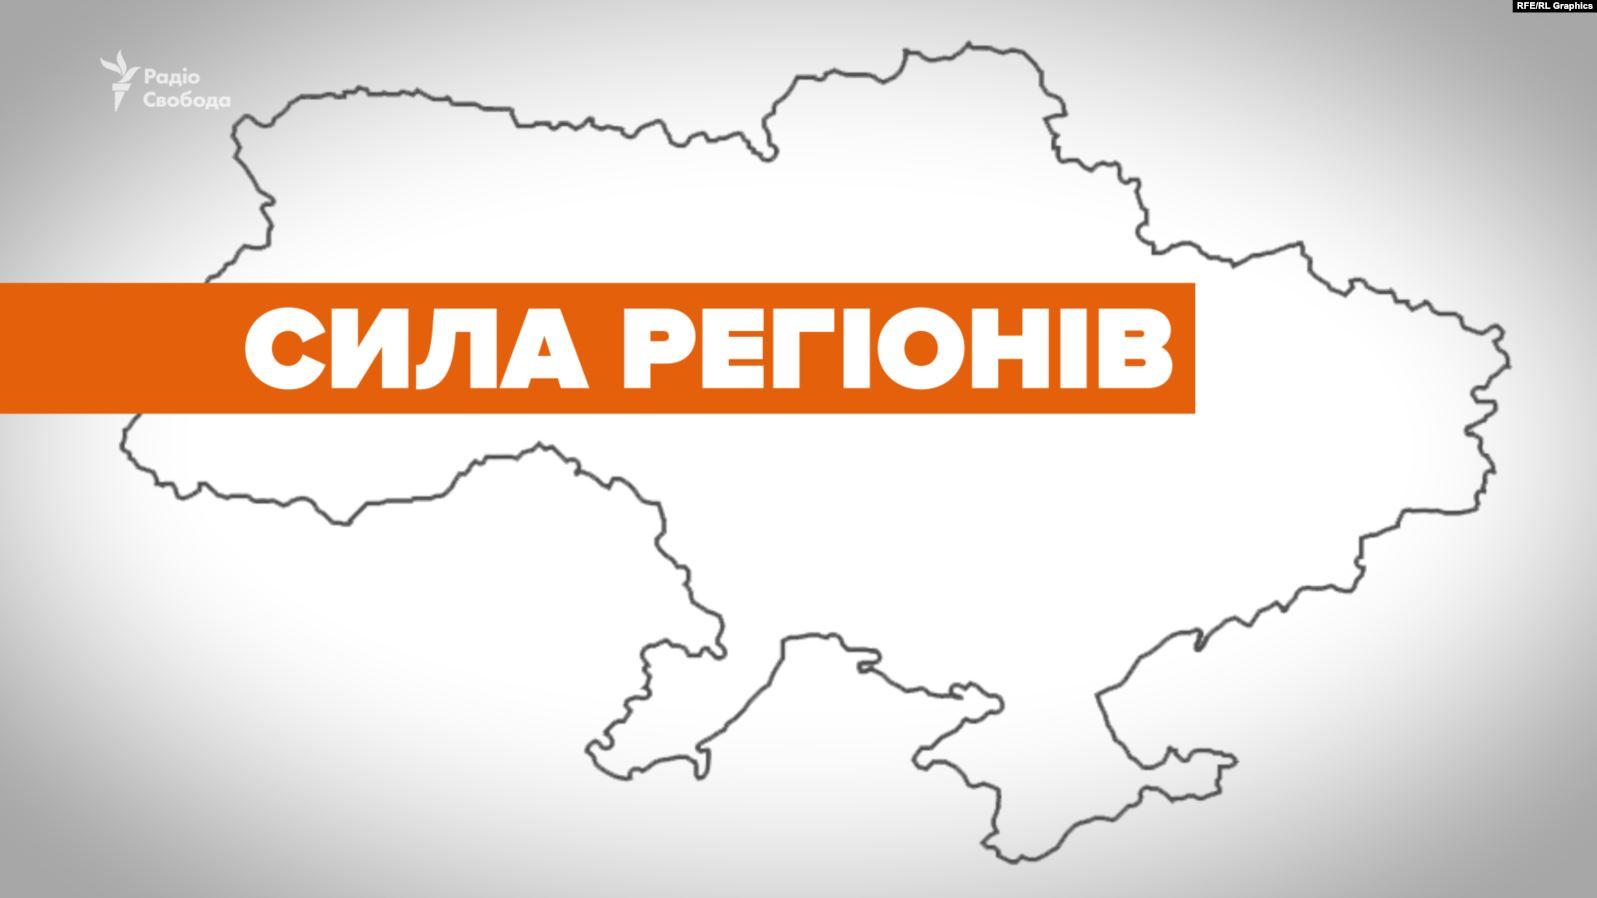 Скільки депутатів може відправити у Верховну раду Закарпатська область: підрахунок експертів